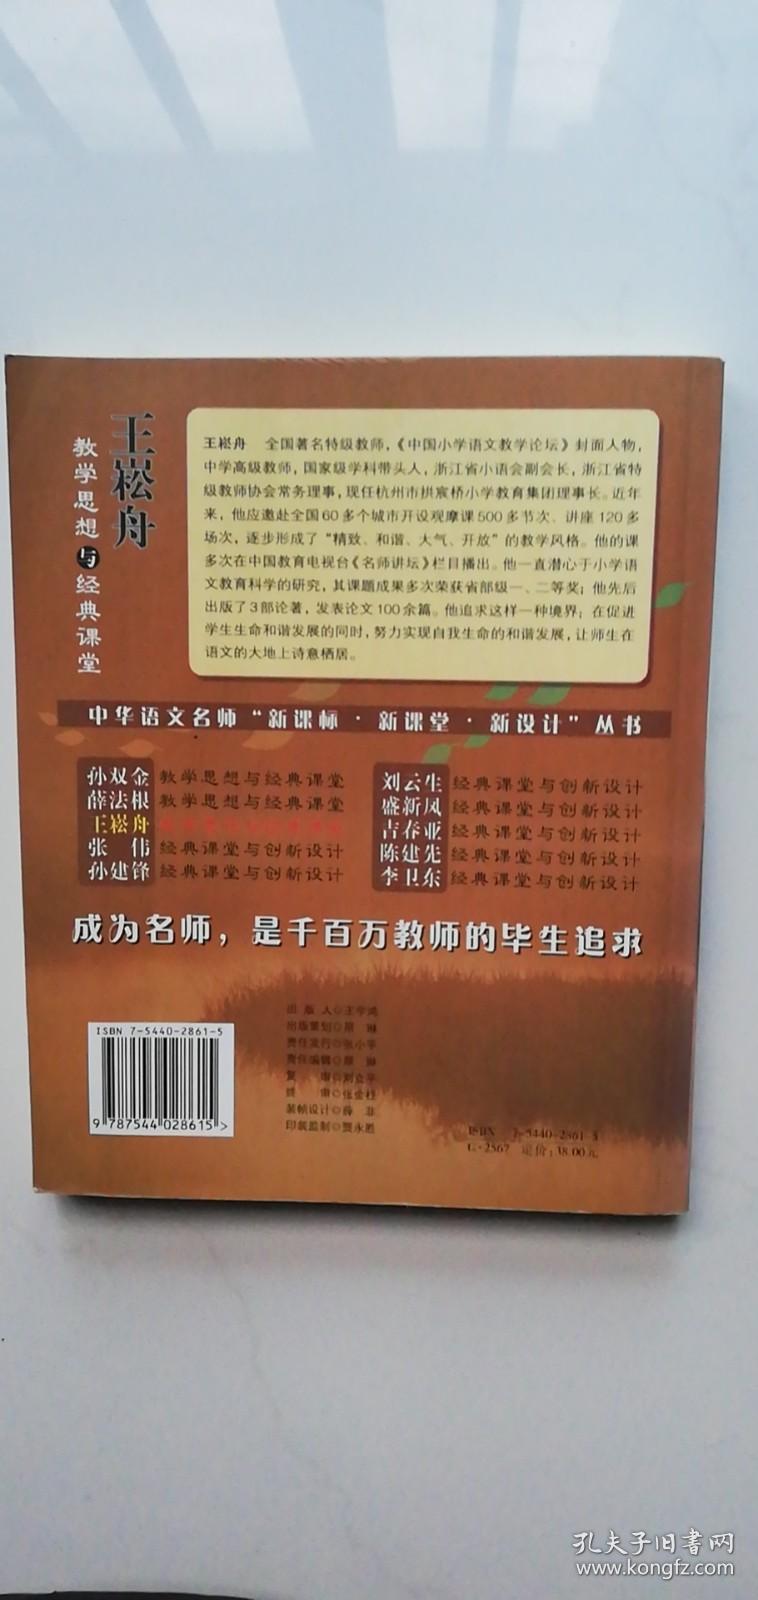 【正版】王崧舟教学思想与经典课堂 诗意语文